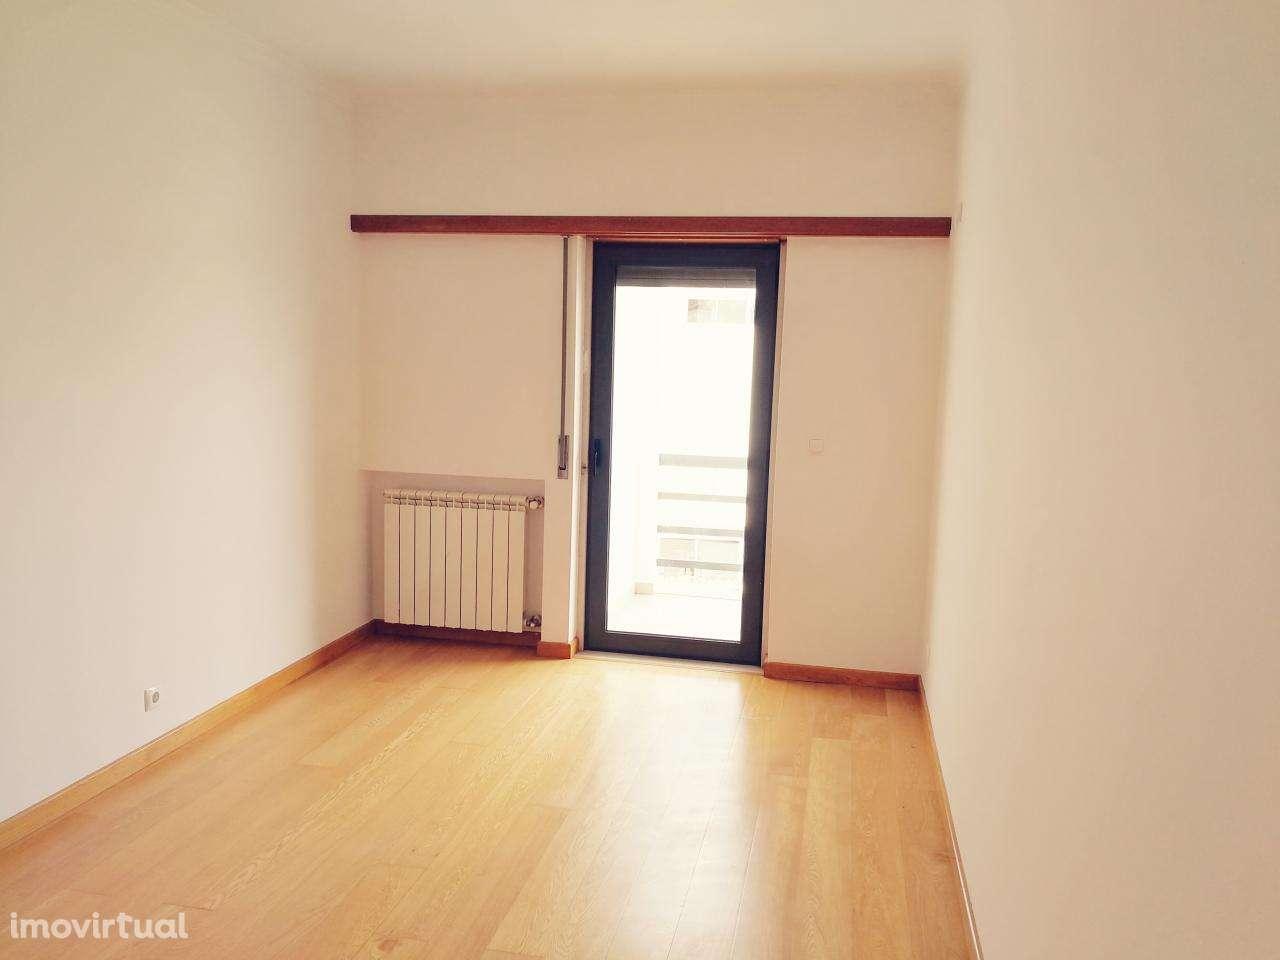 Apartamento para comprar, Castelo (Sesimbra), Sesimbra, Setúbal - Foto 18